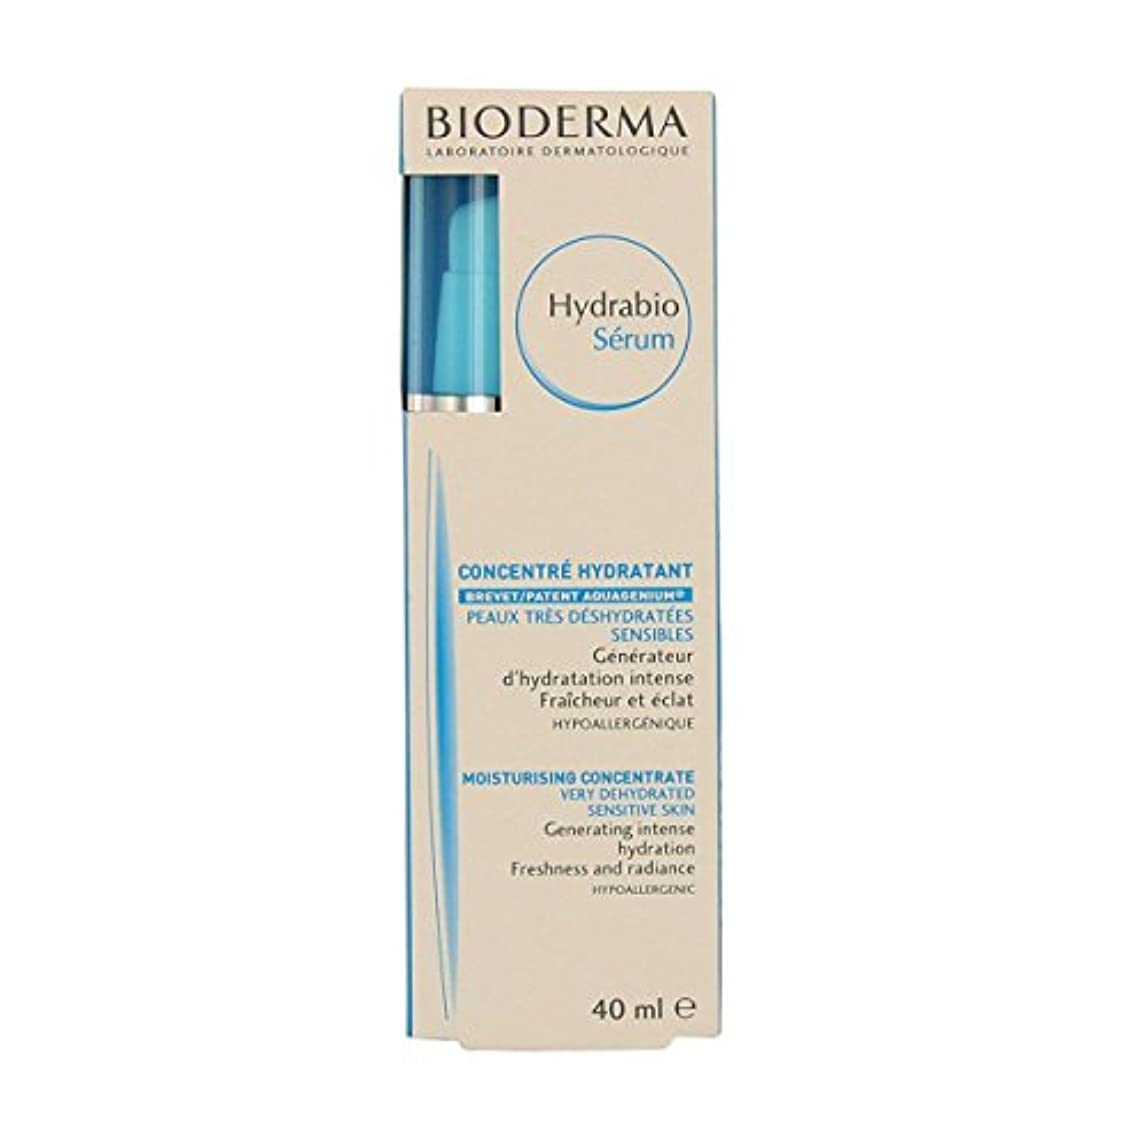 ゆりかご緊張する蒸し器Bioderma - Hydrabio Serum Moisturising Concentrate [並行輸入品]